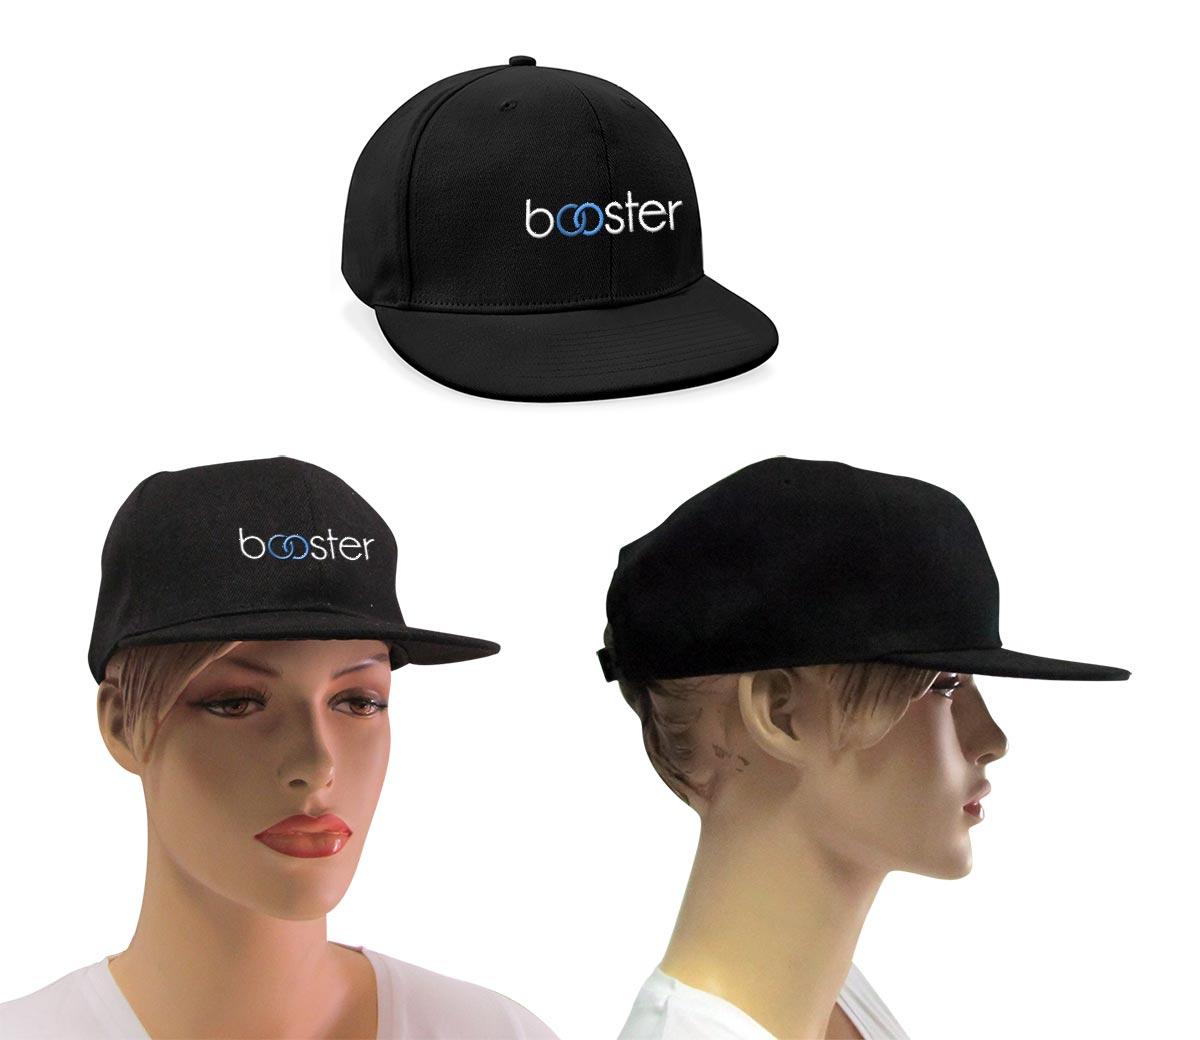 כובע ראפ | כובעי ראפרים | כובע מצחייה שטוחה